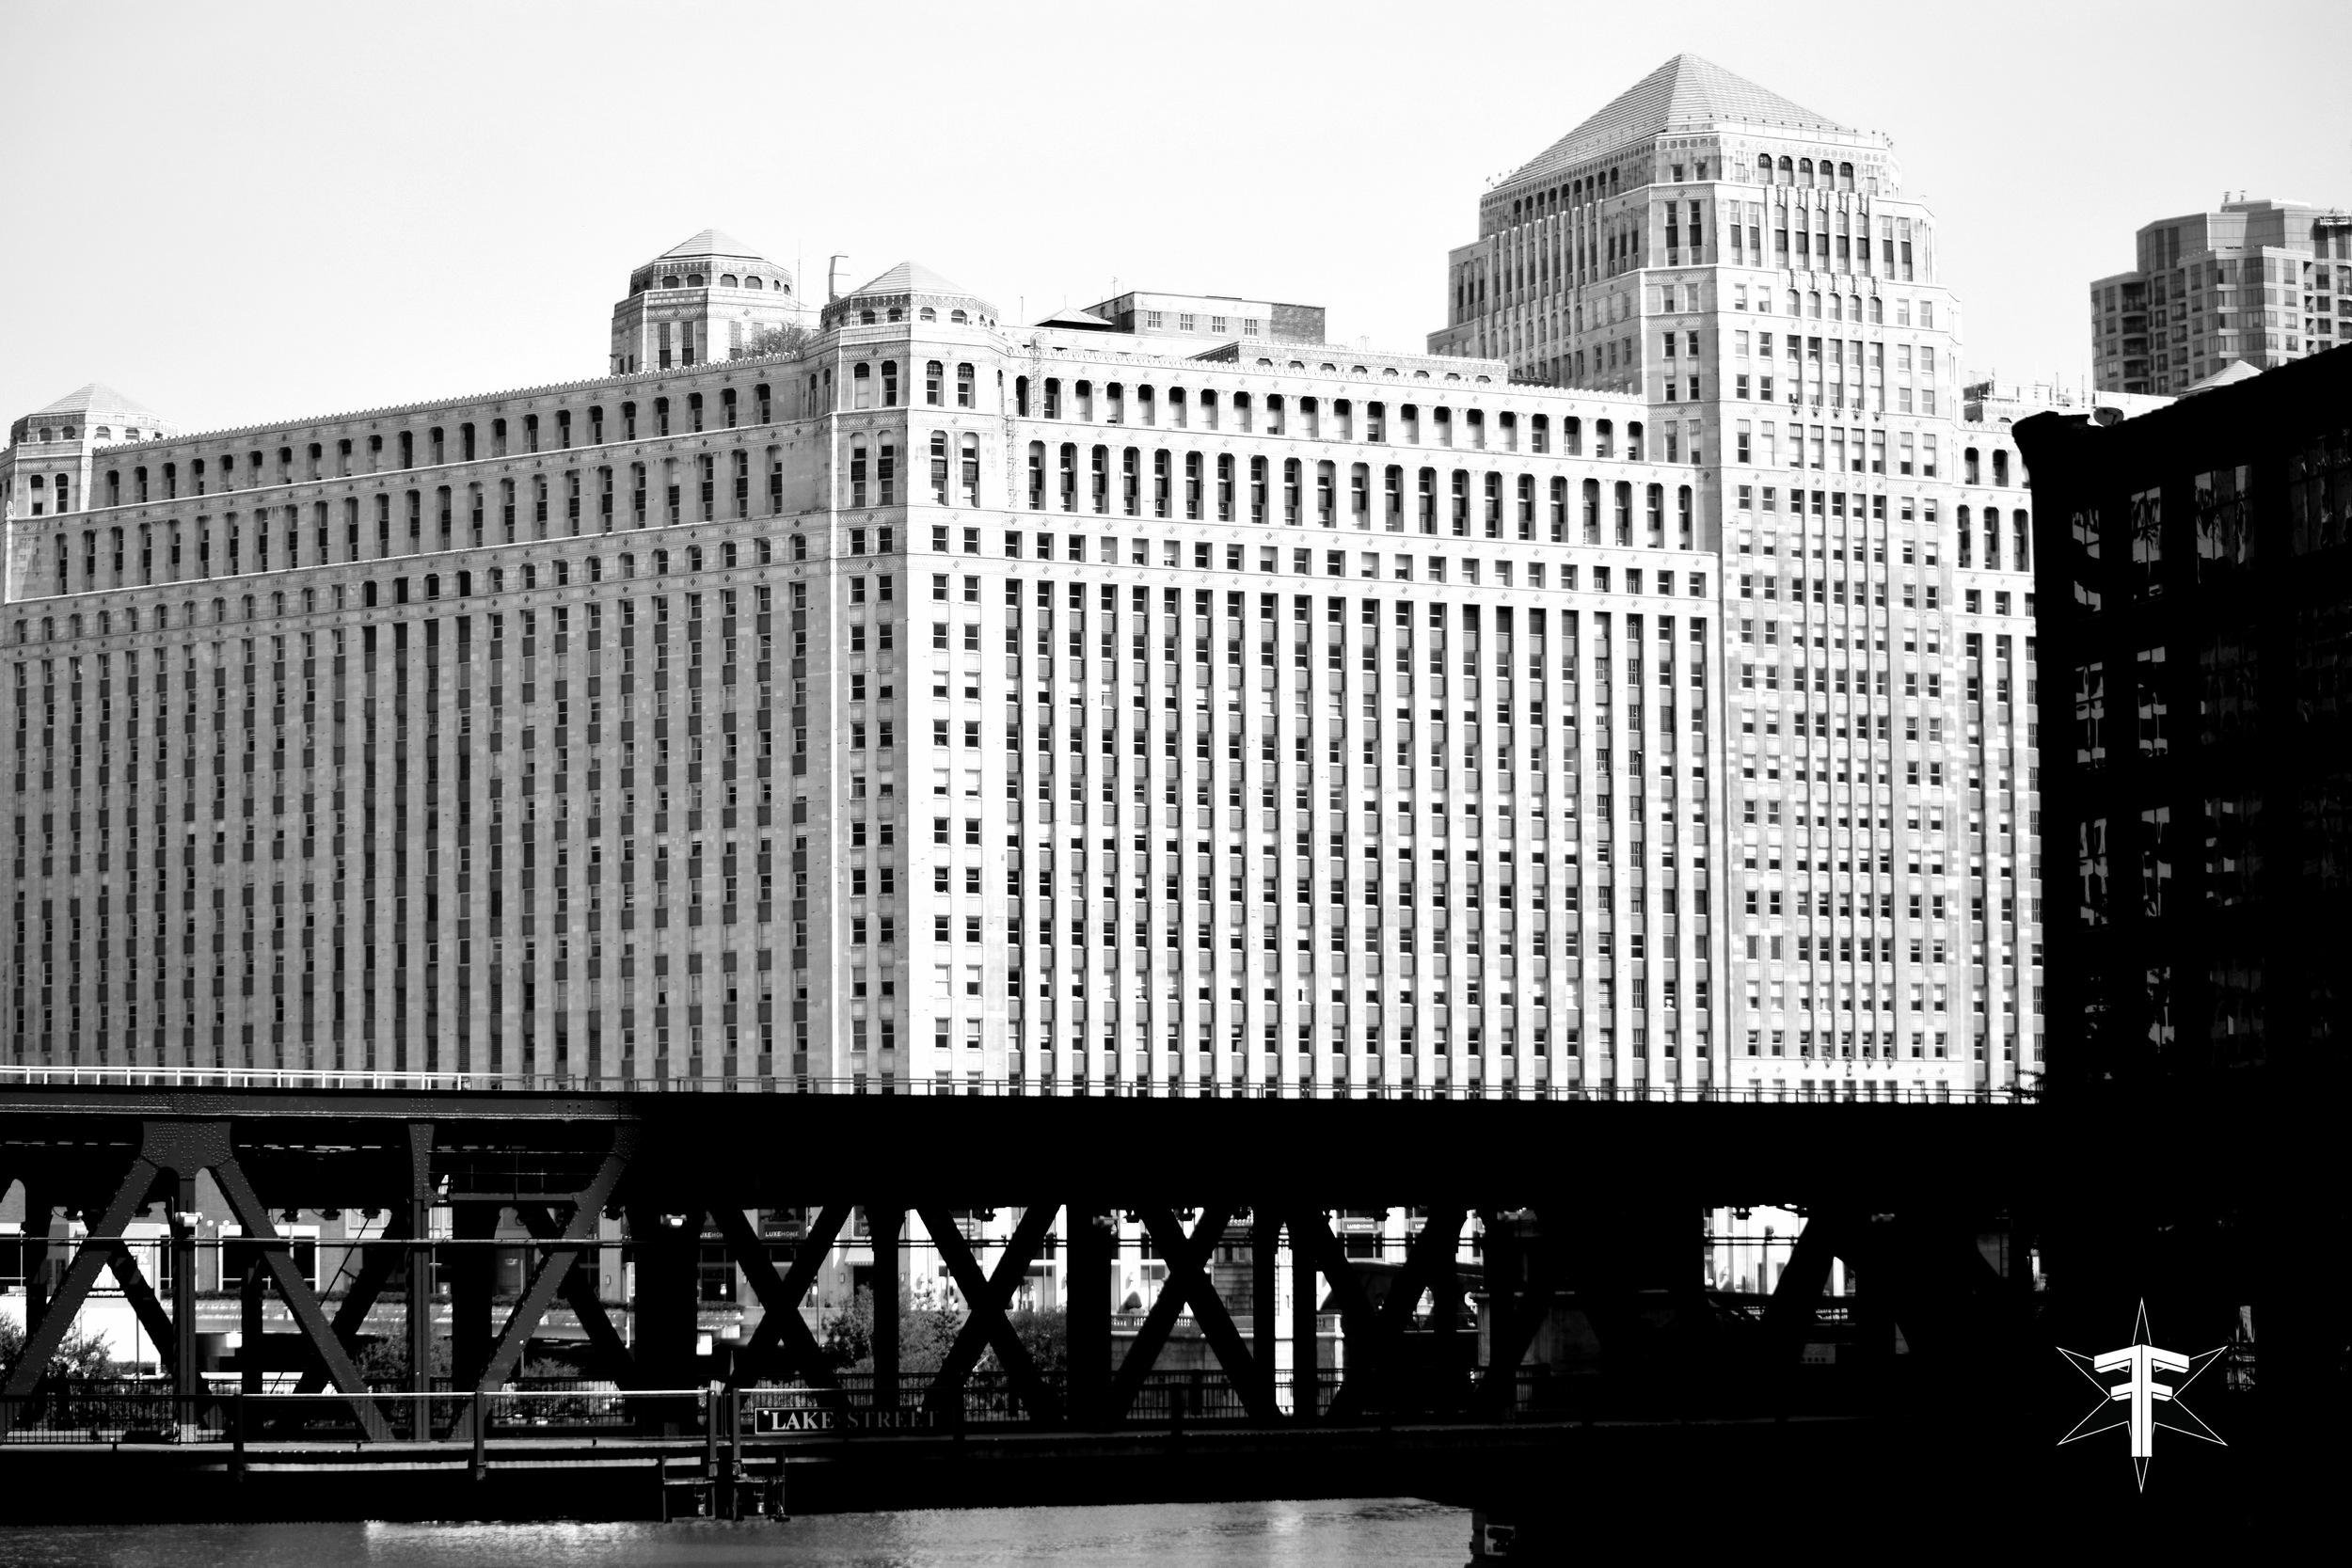 chicago architecture eric formato photography design arquitectura architettura buildings skyscraper skyscrapers-124.jpg